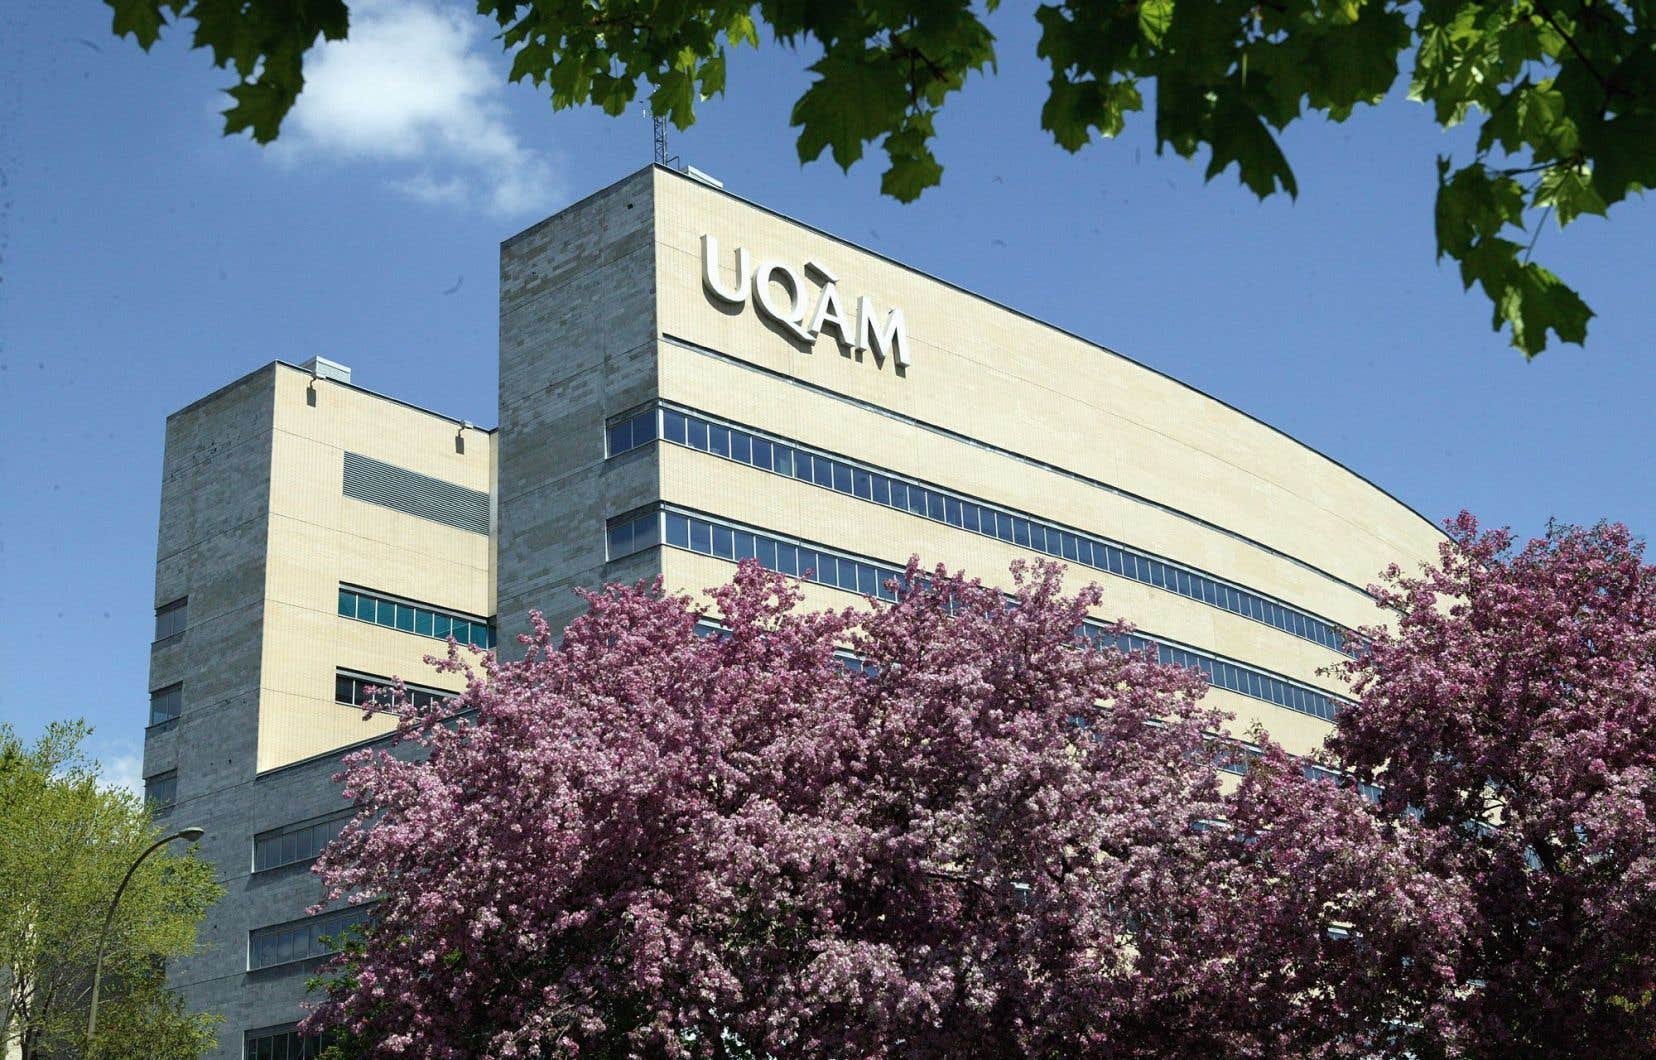 Le manque à gagner de l'UQAM s'explique par les compressions de 6,2millions annoncées dans le plus récent budget provincial, des compressions imposées à toutes les universités québécoises en fonction de leur taille.